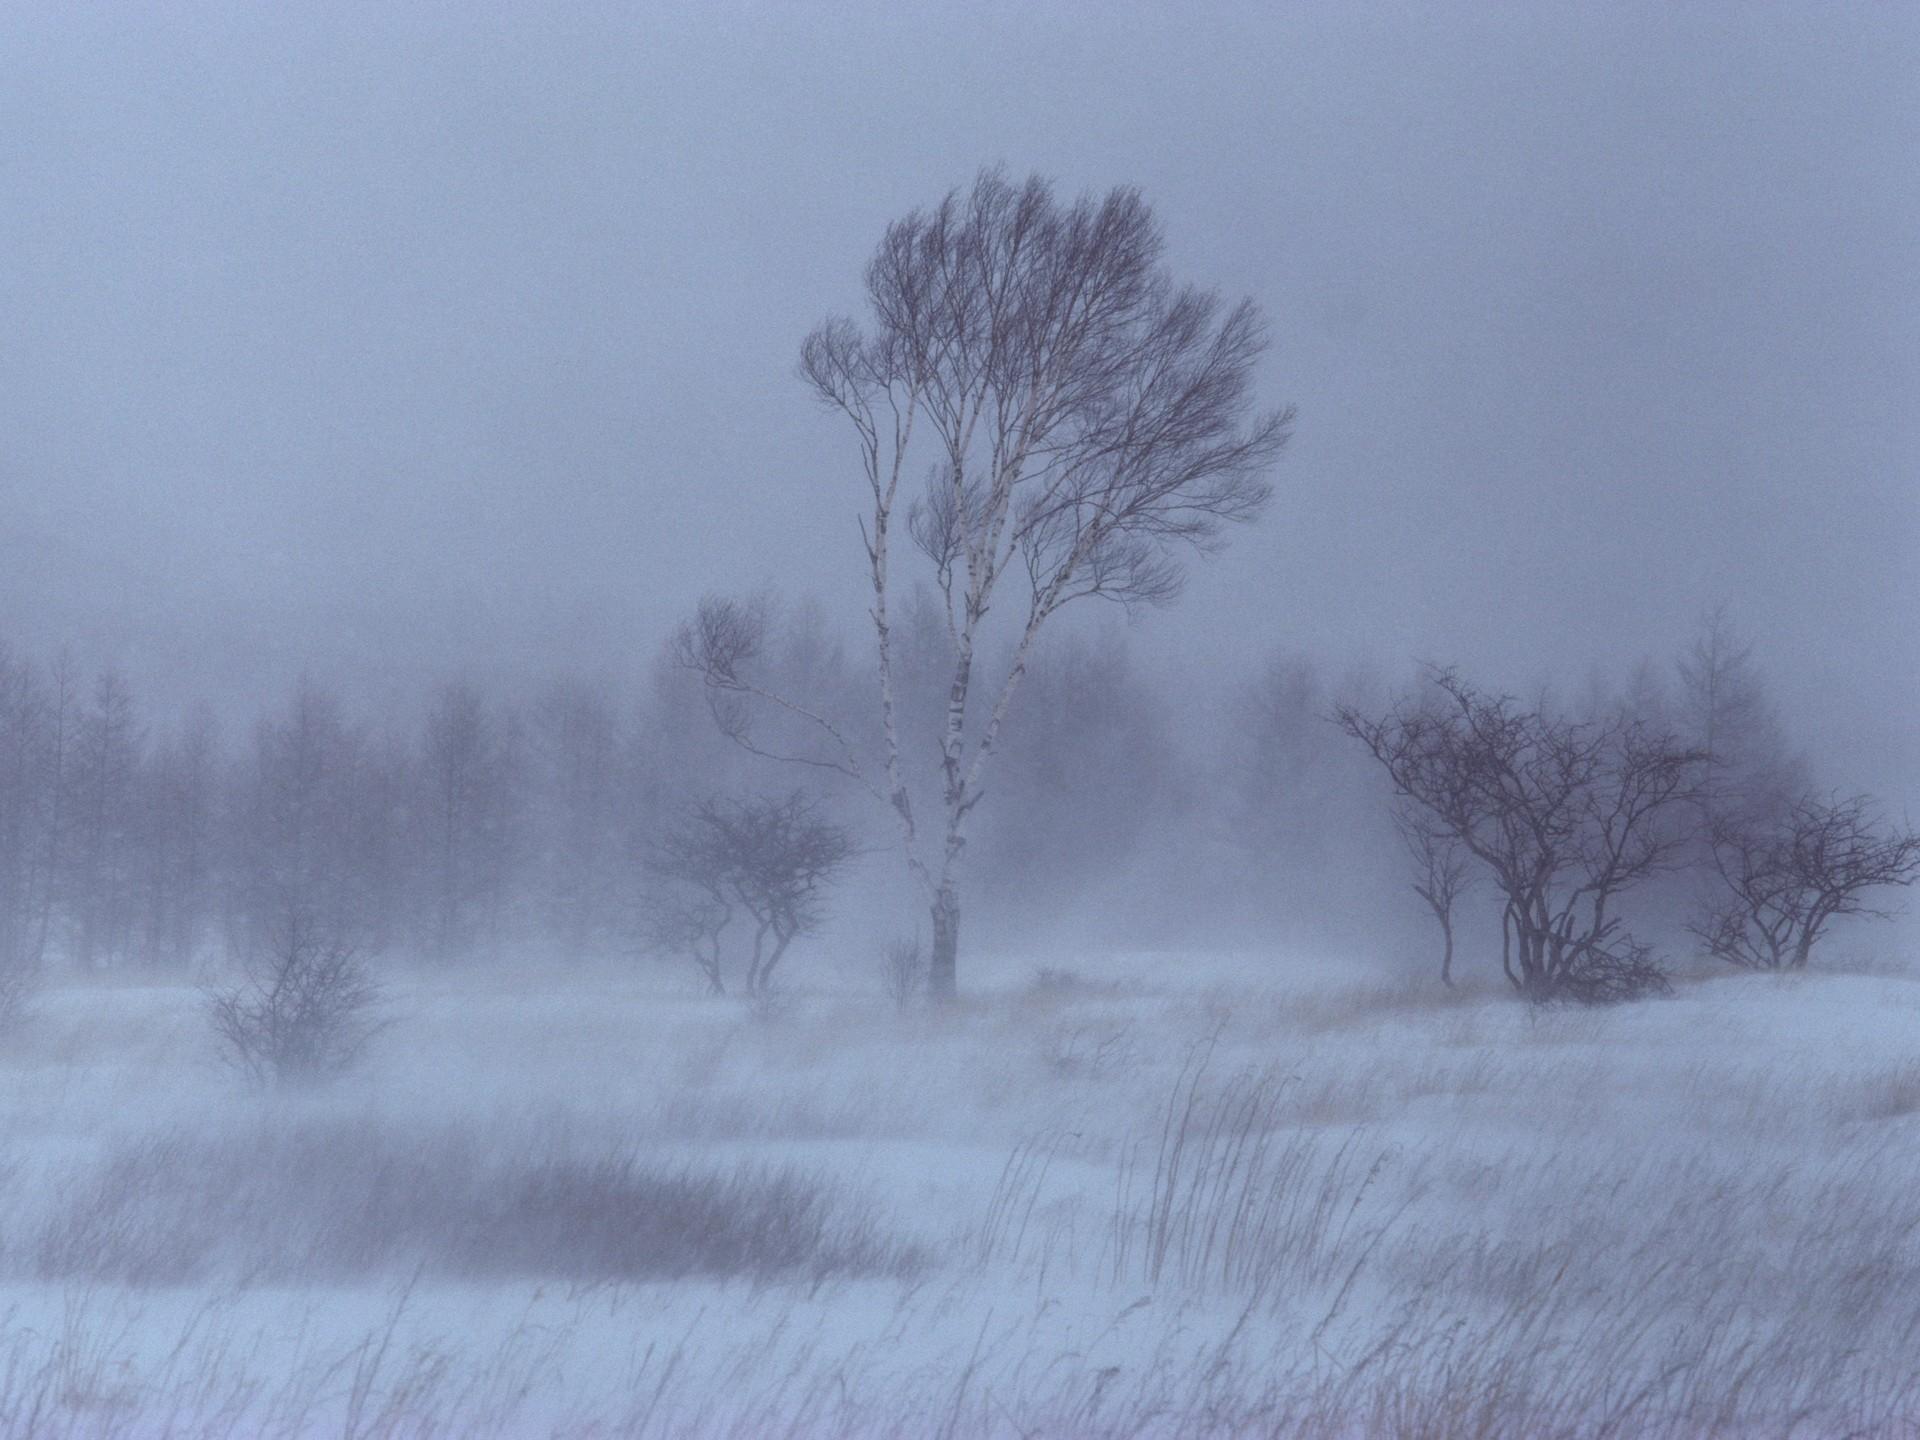 ледяной ветер картинки данной категории собраны